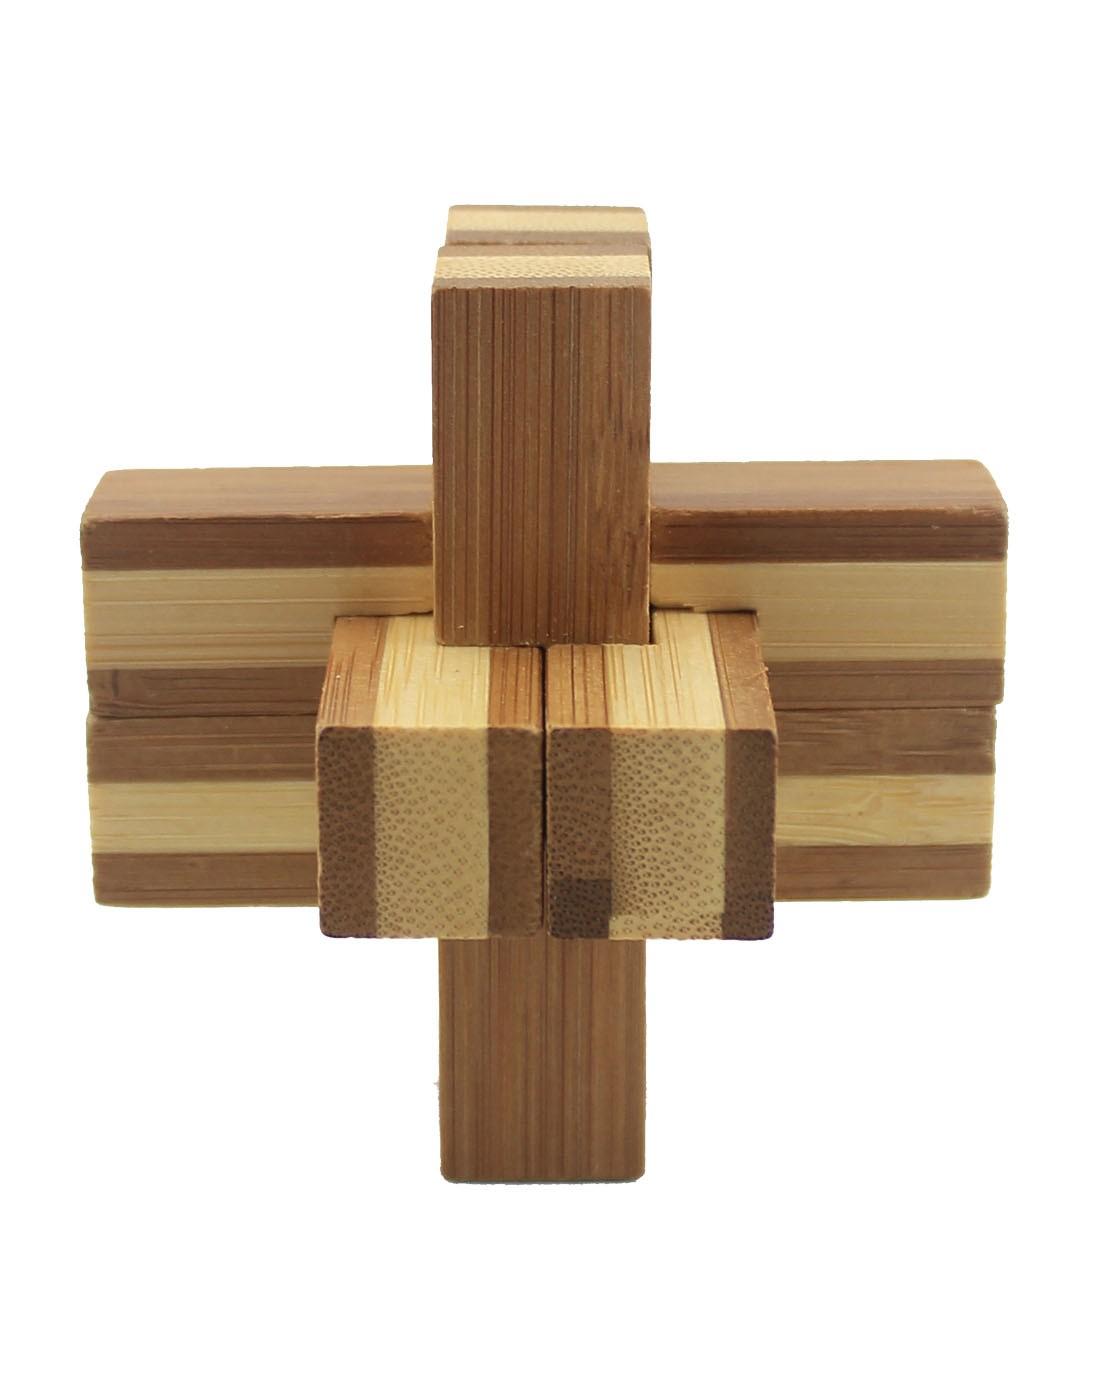 米米智玩 竹制六通孔明锁